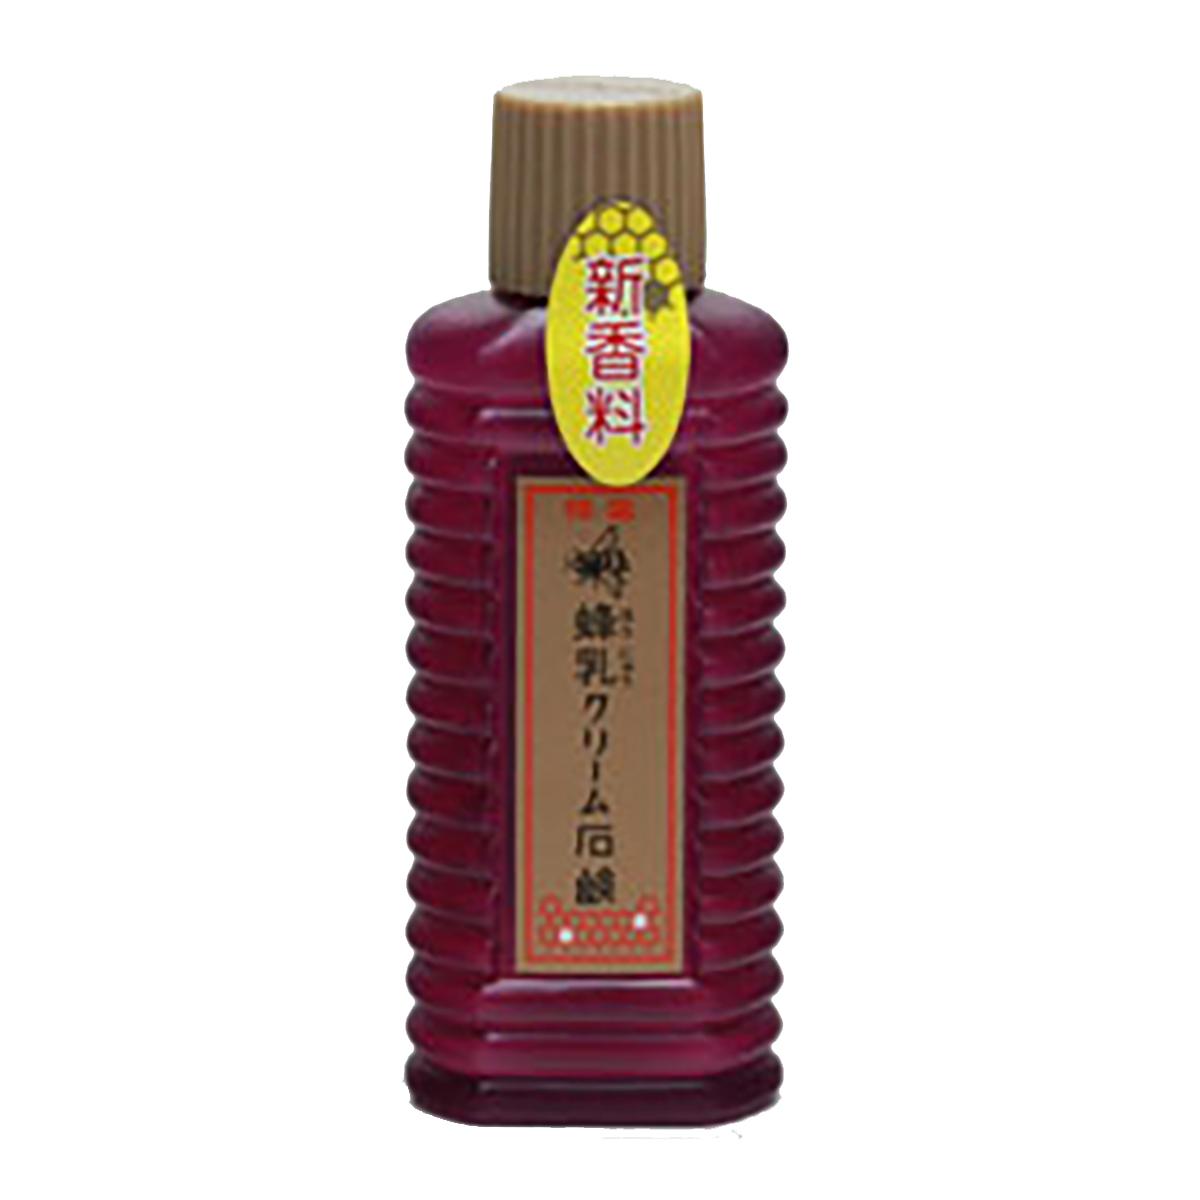 【送料無料】蜂乳 ホウニュウクリームセッケン80CC×156点セット まとめ買い特価!ケース販売 ( 4902496100027 )